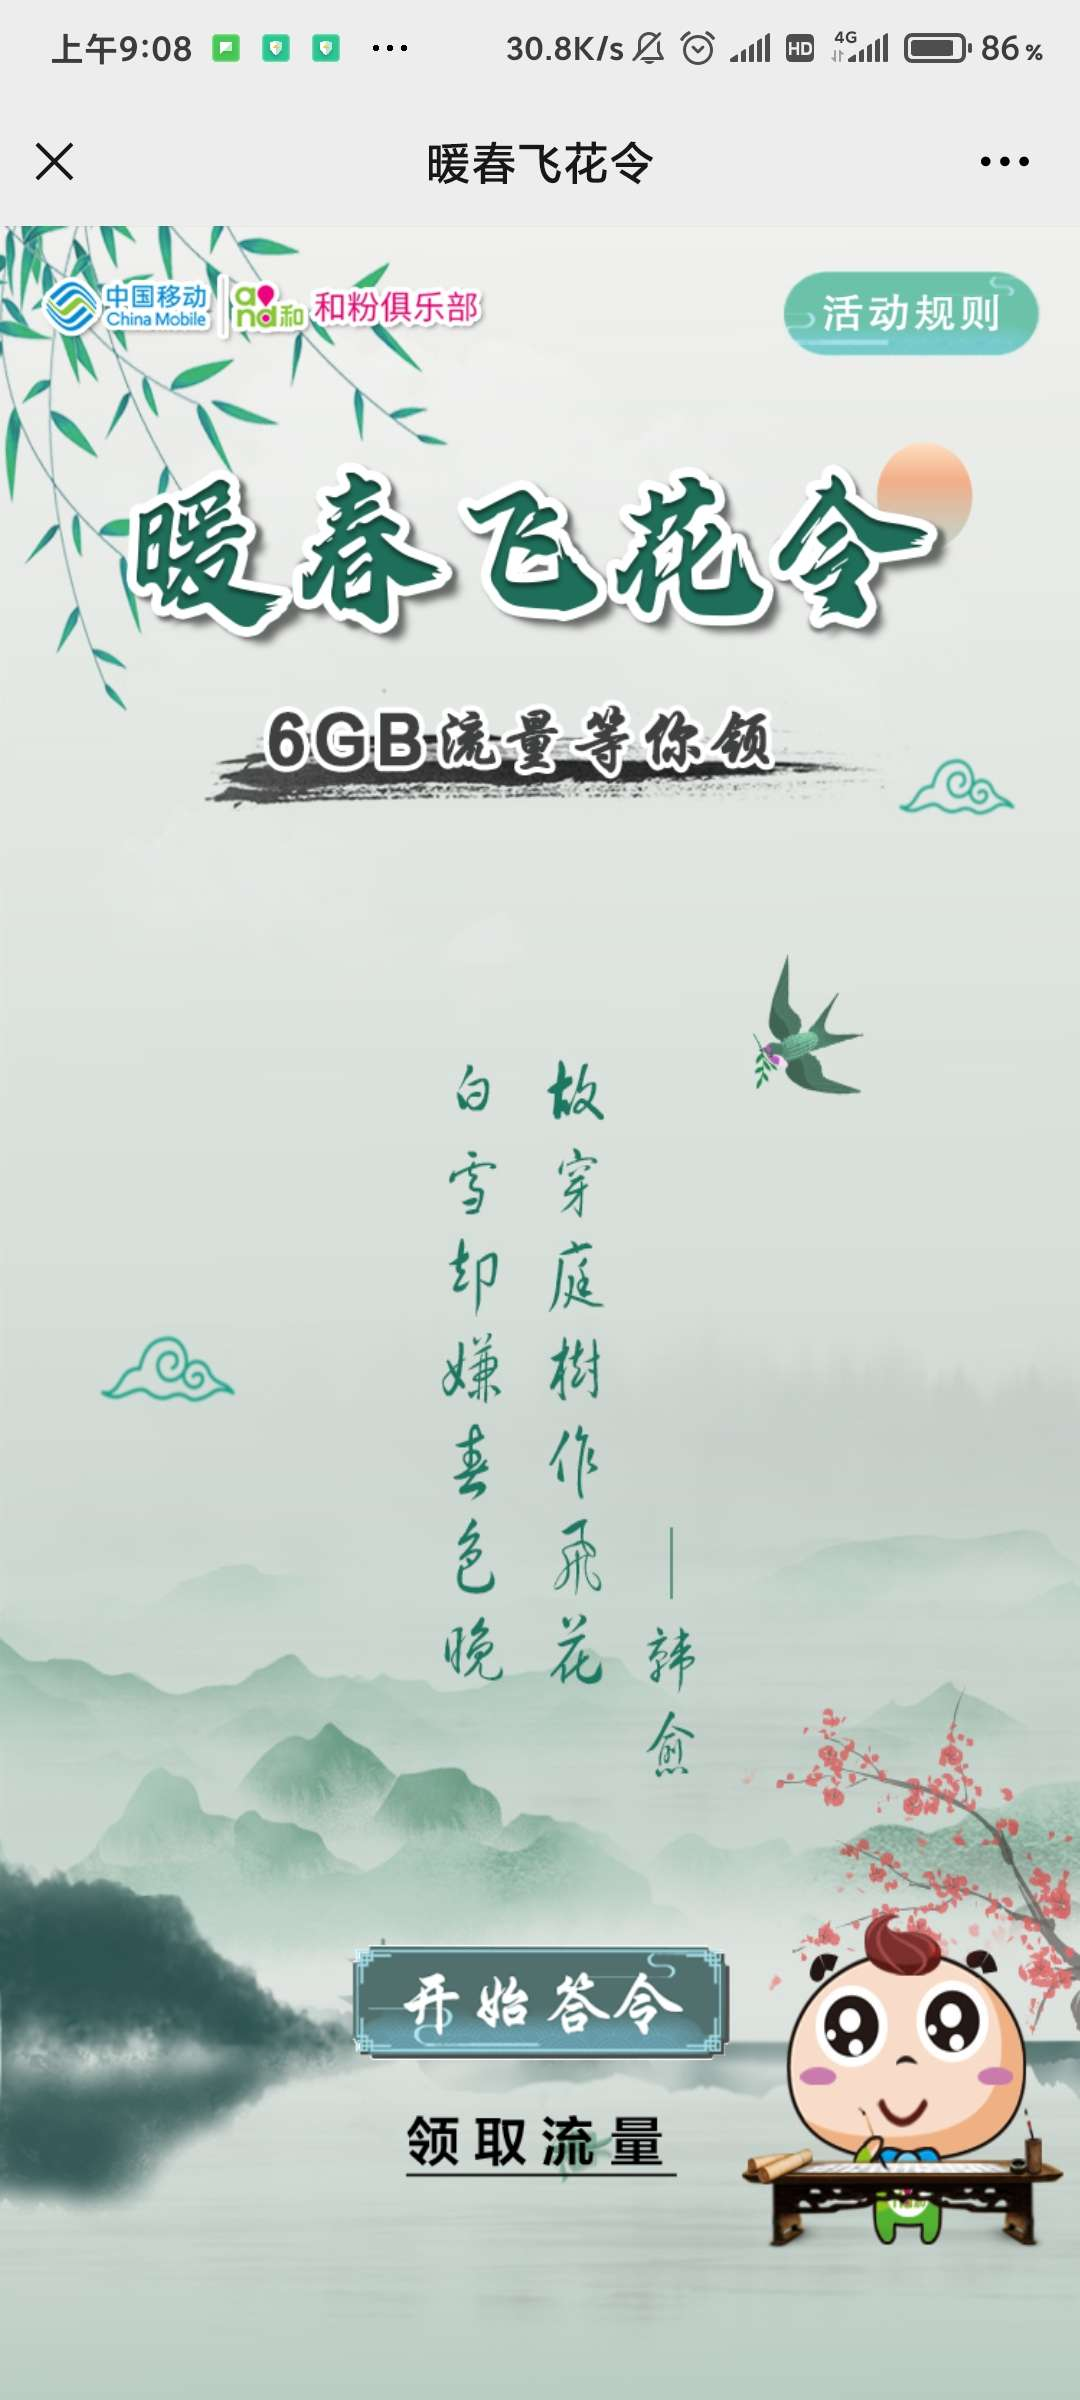 中国移动和粉俱乐部活动领《6G》